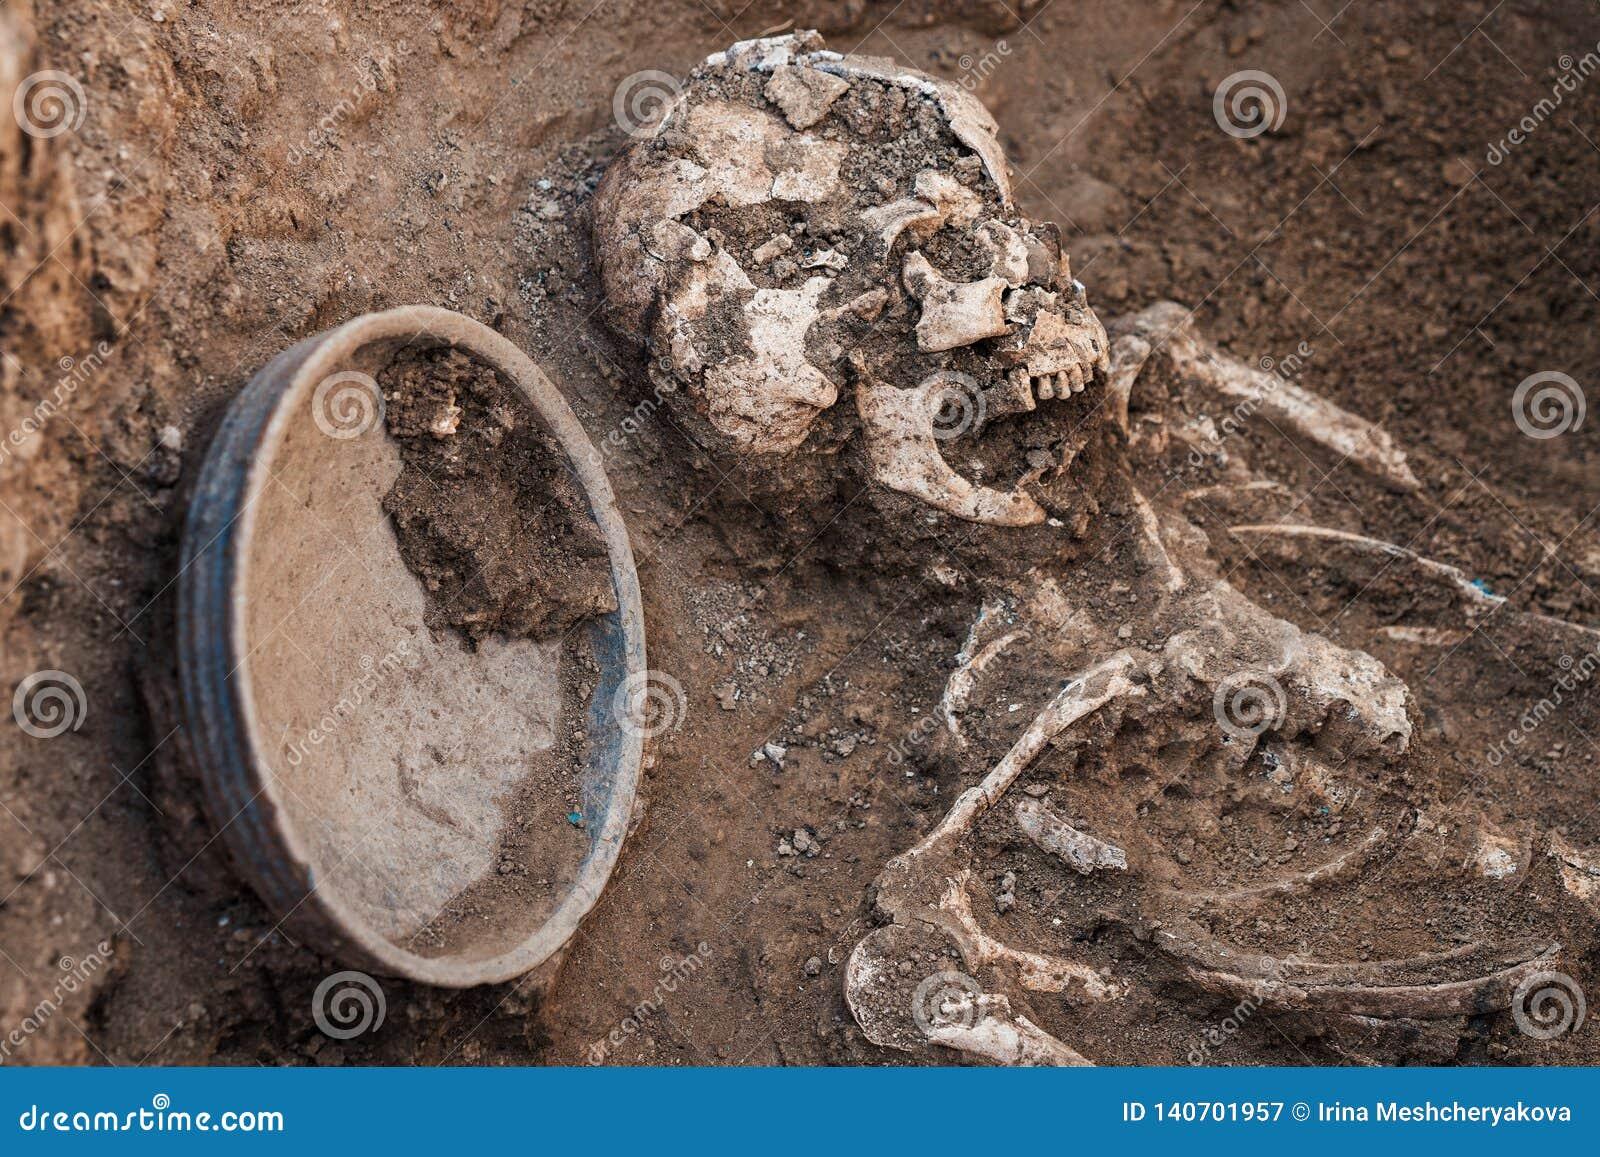 Excavaciones arqueol?gicas investigaci?n sobre el entierro humano, esqueleto, cr?neo, inventario